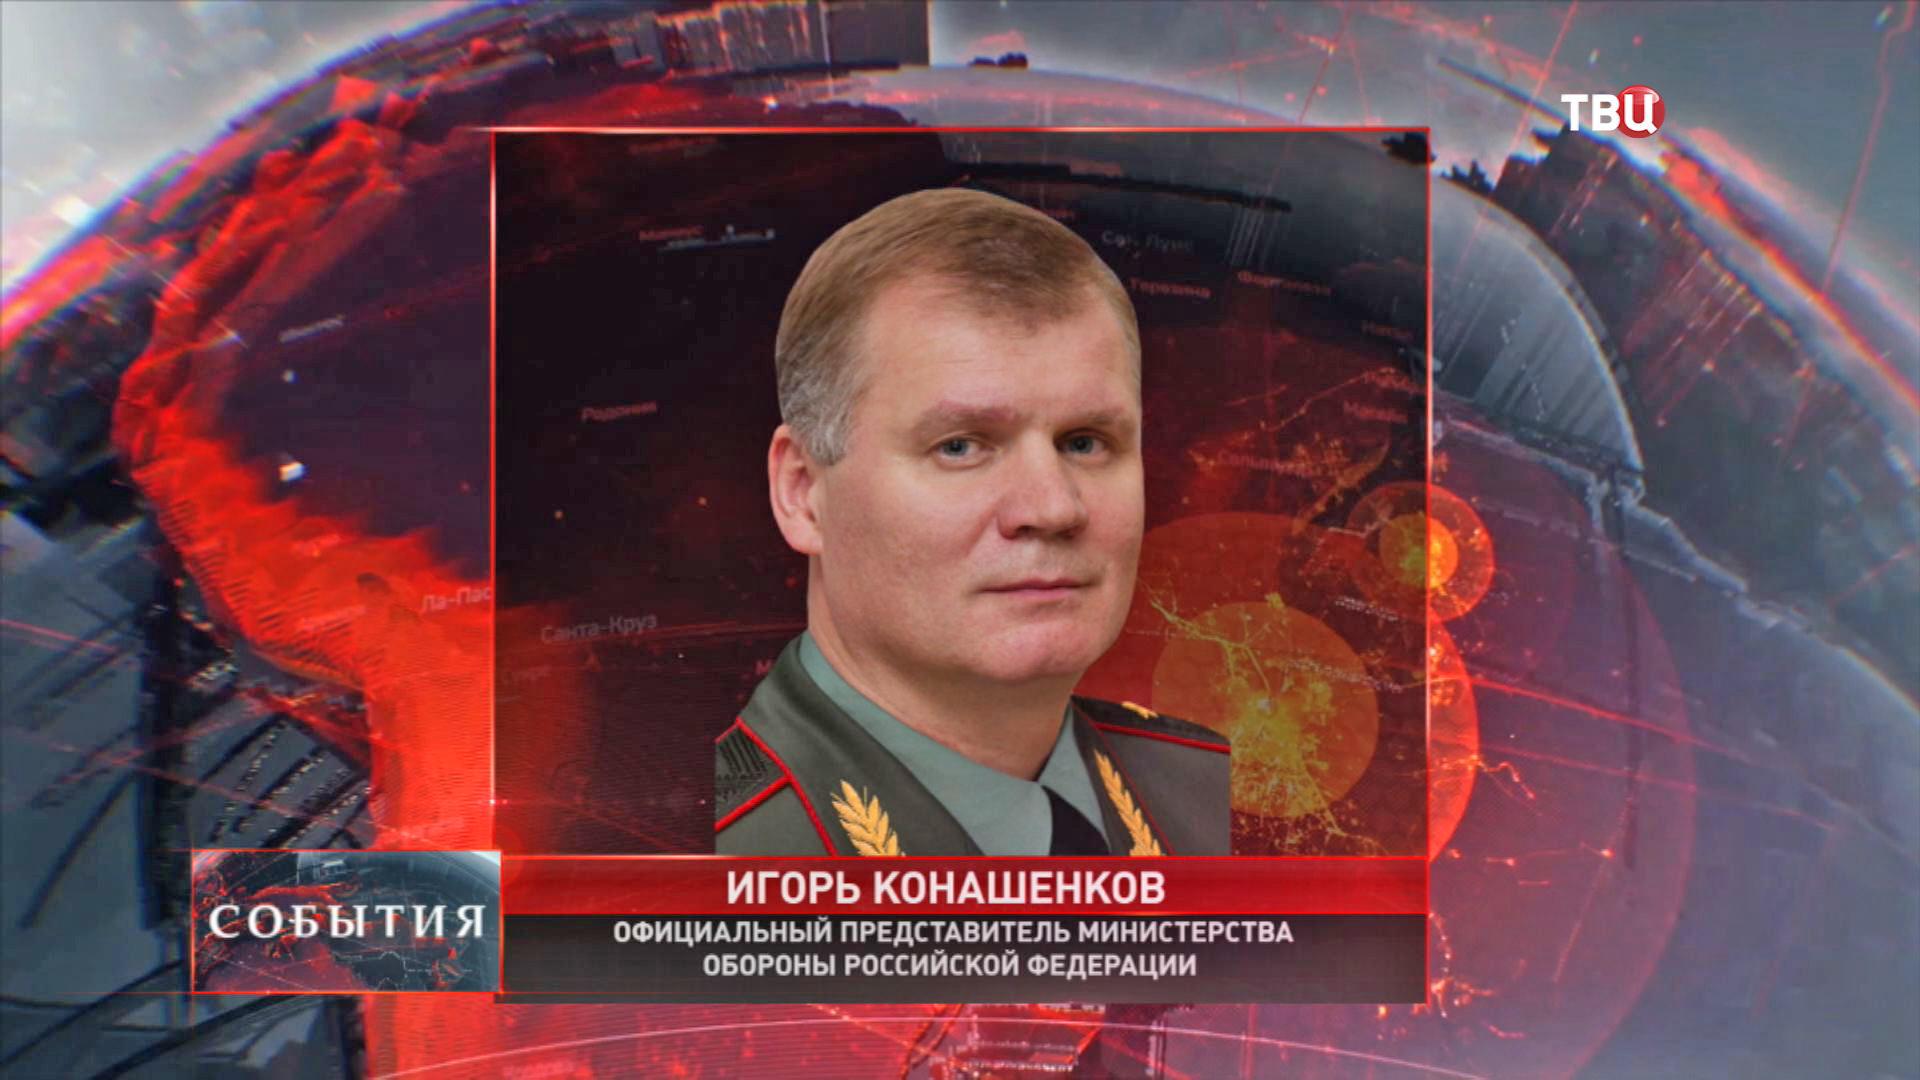 Официальный представитель Министерства обороны России Игорь Конашенков